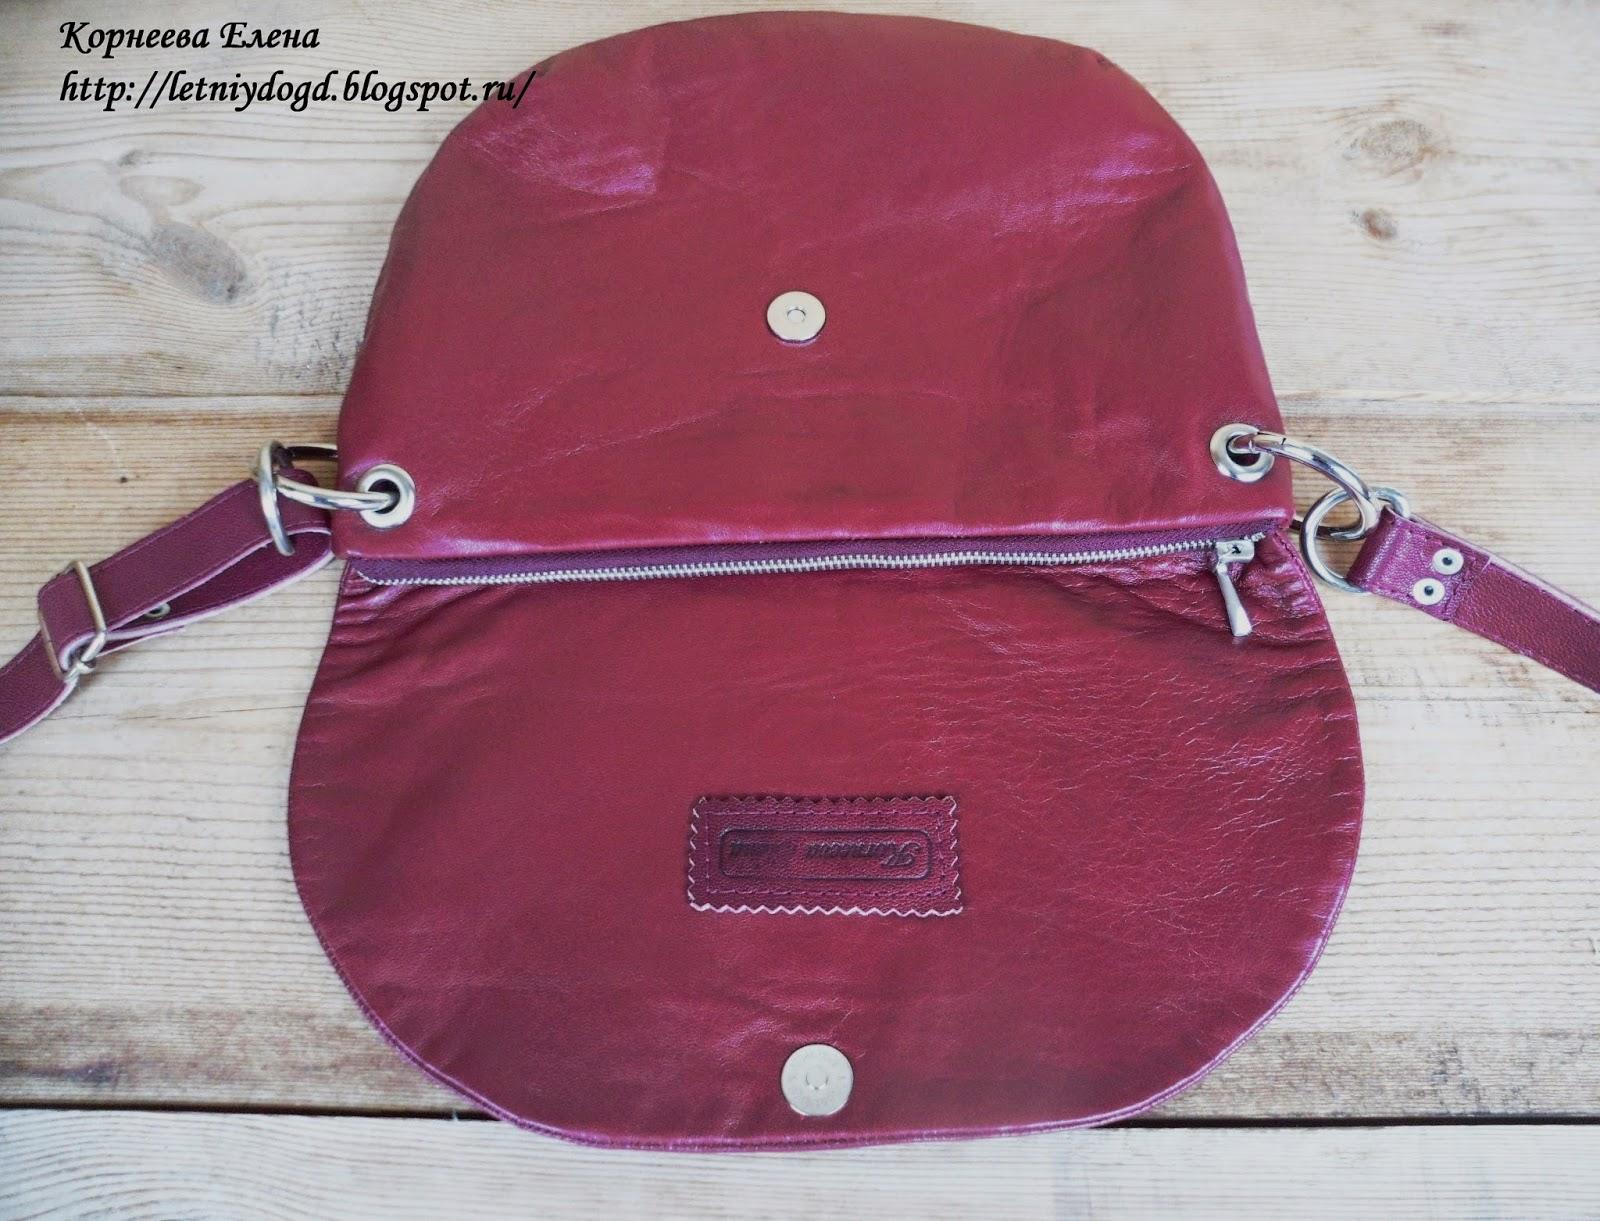 маленькая женская кожаная сумочка на молнии